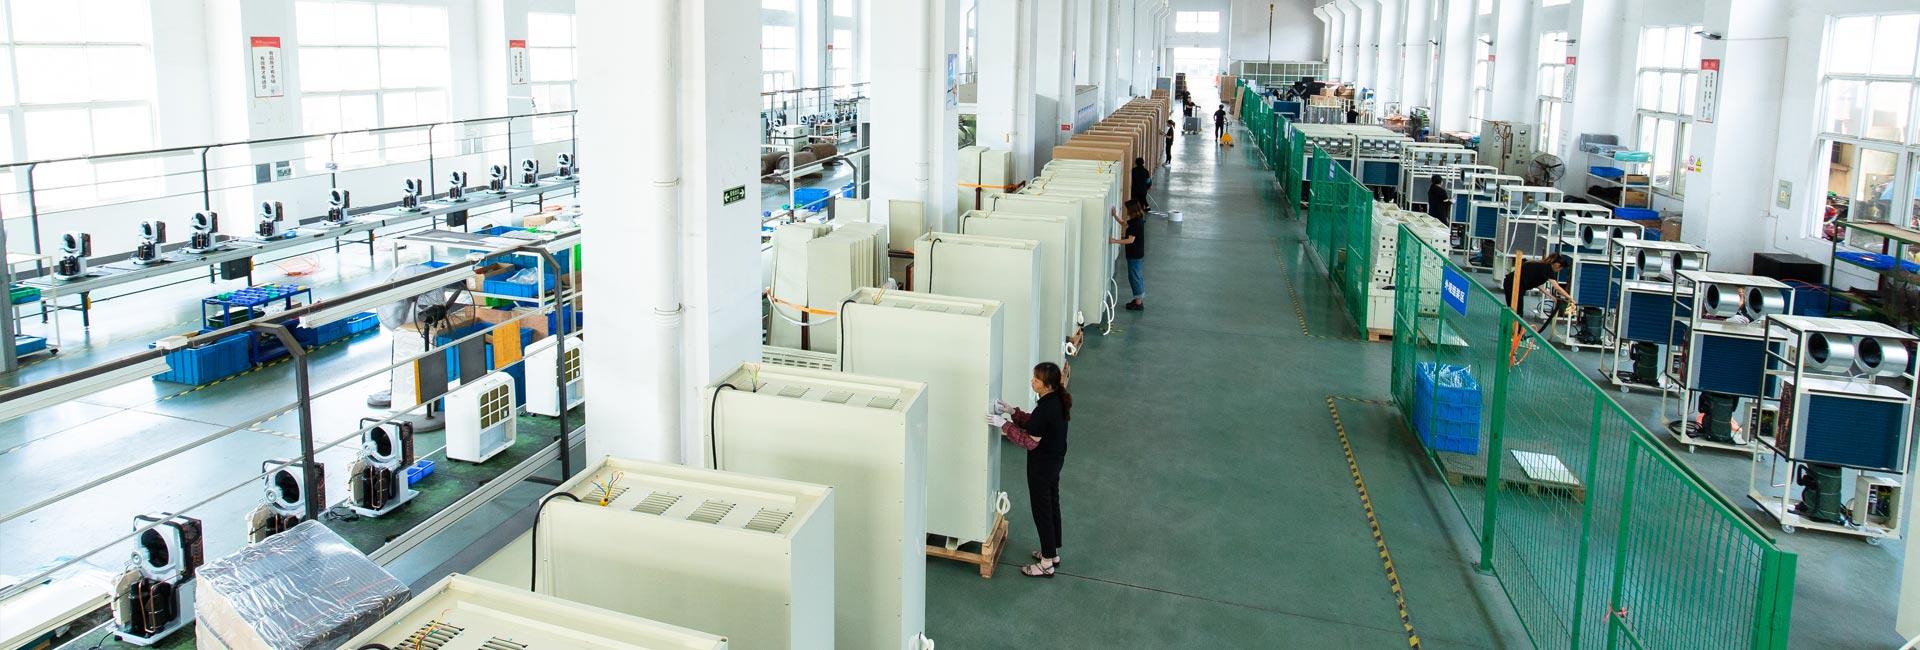 川岛·20年行业制造经验,现代化工厂保障交期